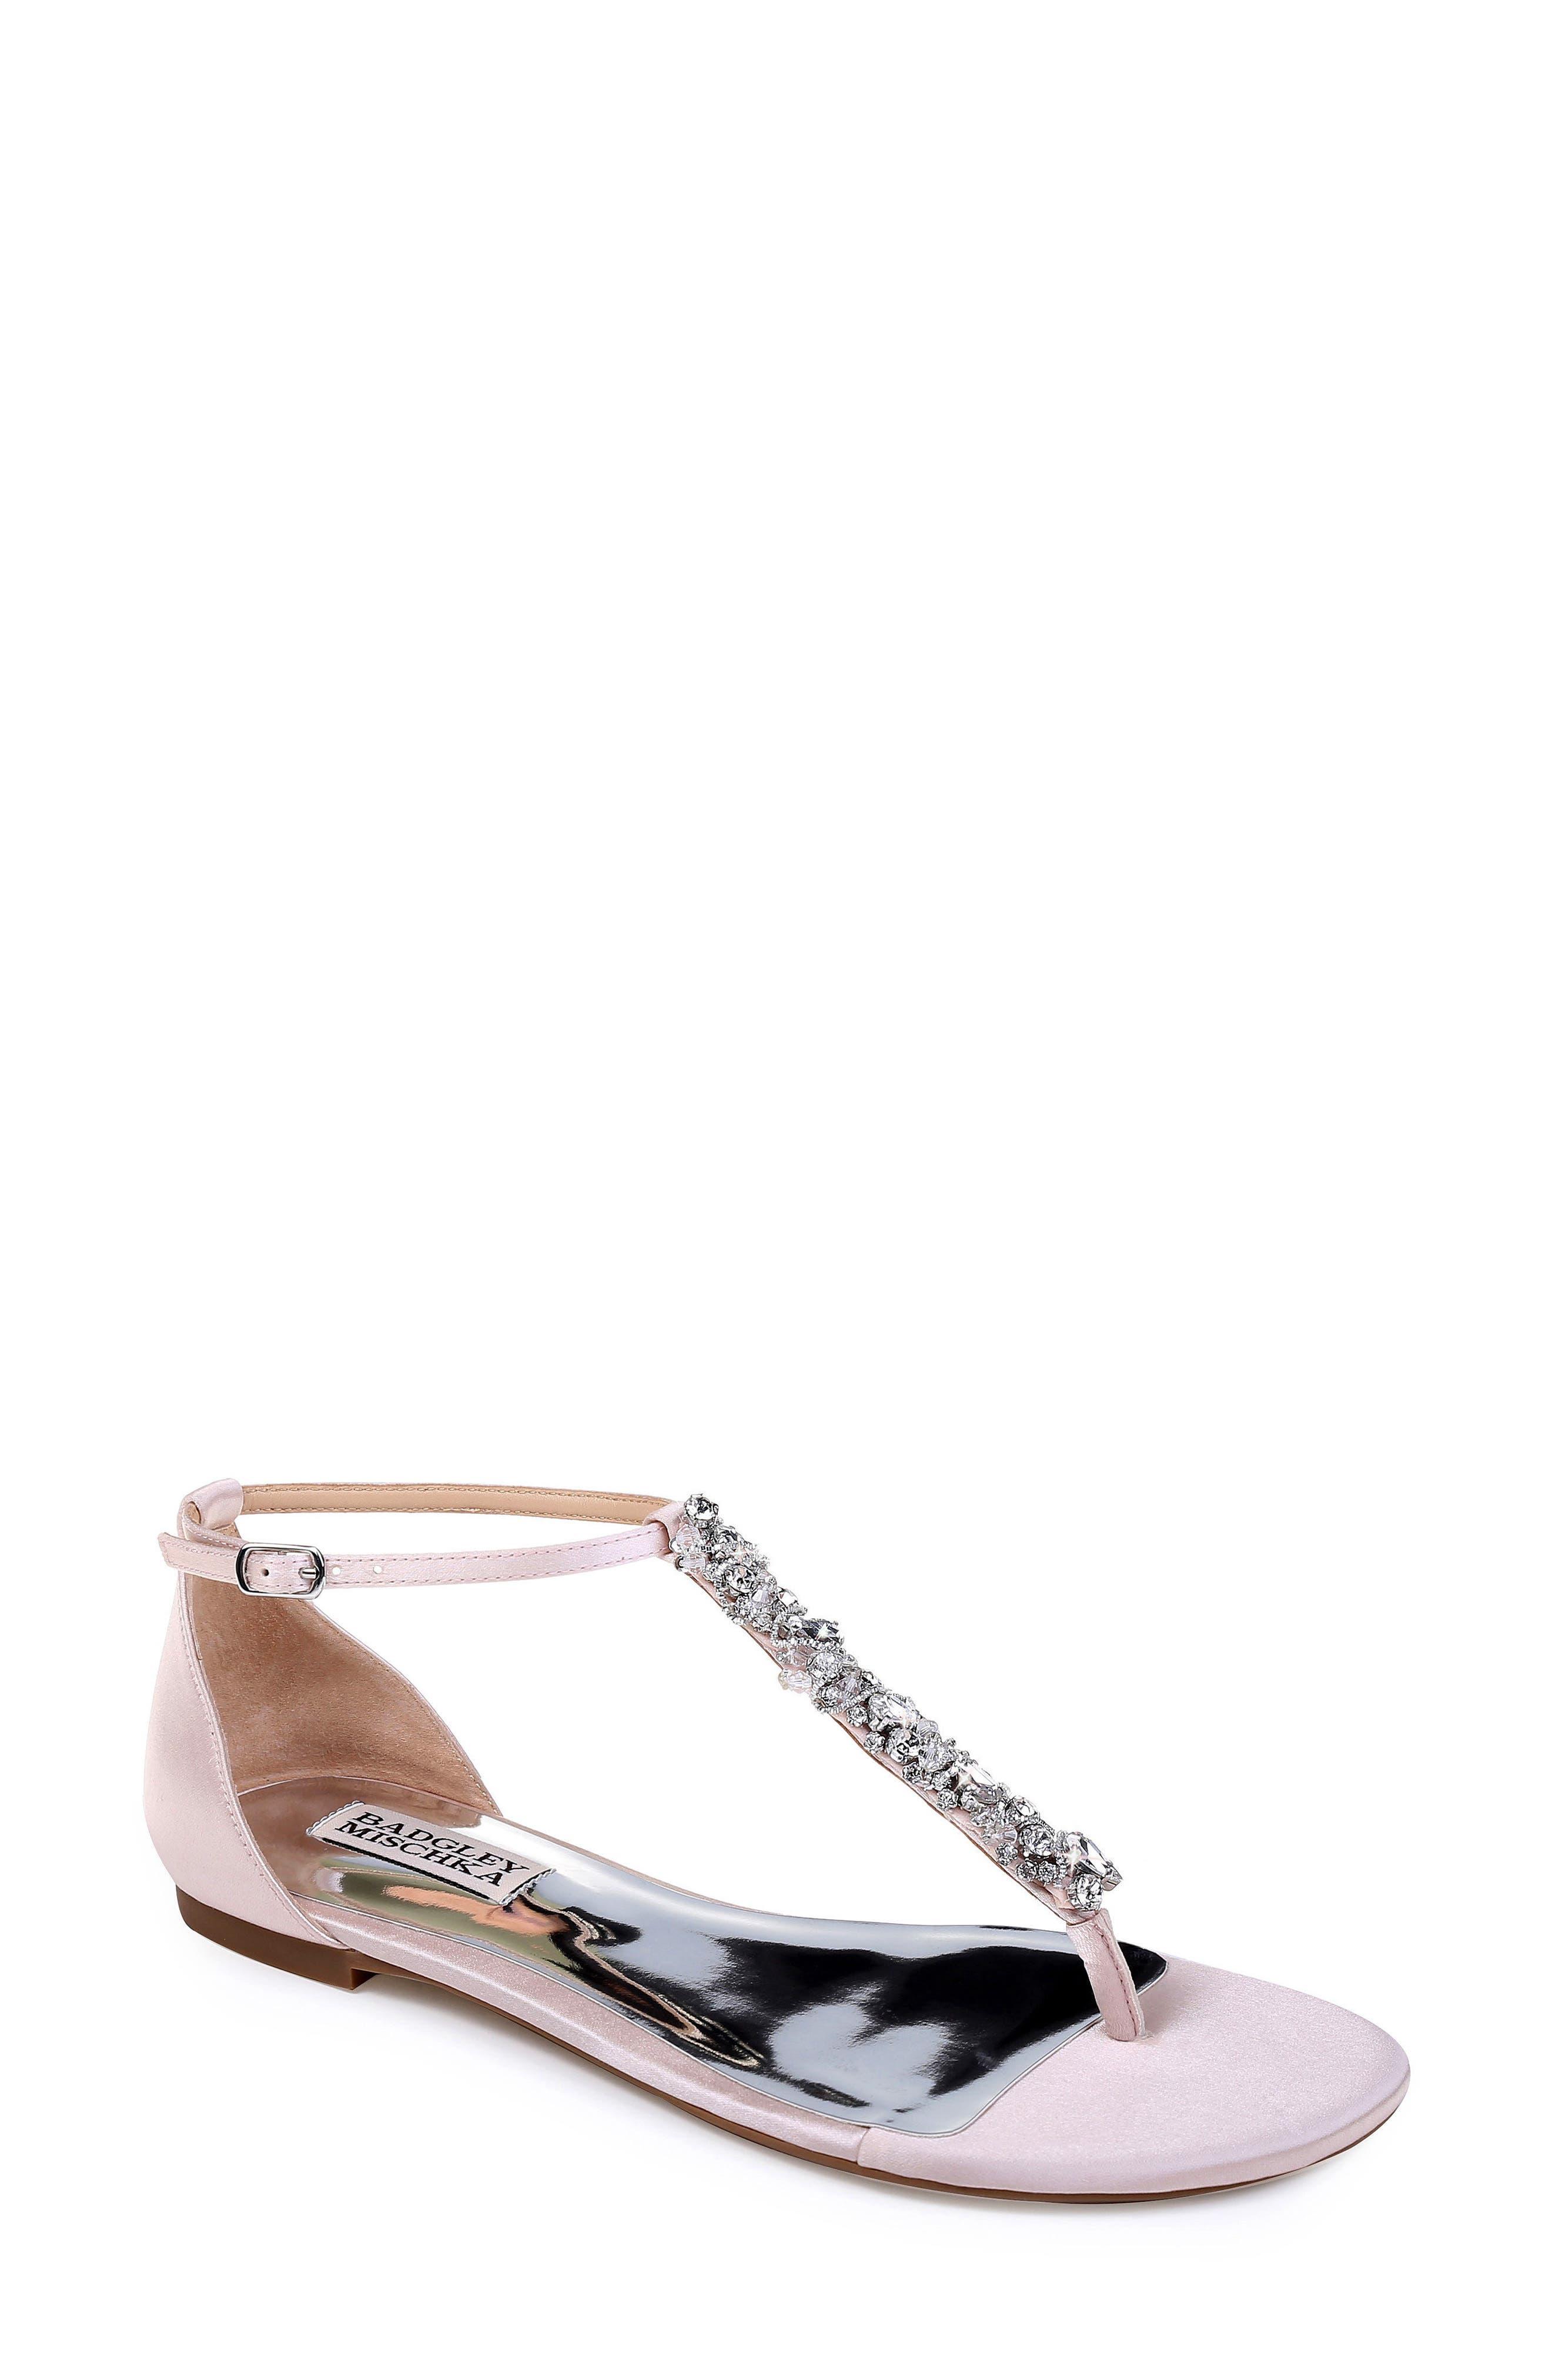 Badgley Mischka Holbrook T-Strap Sandal- Pink